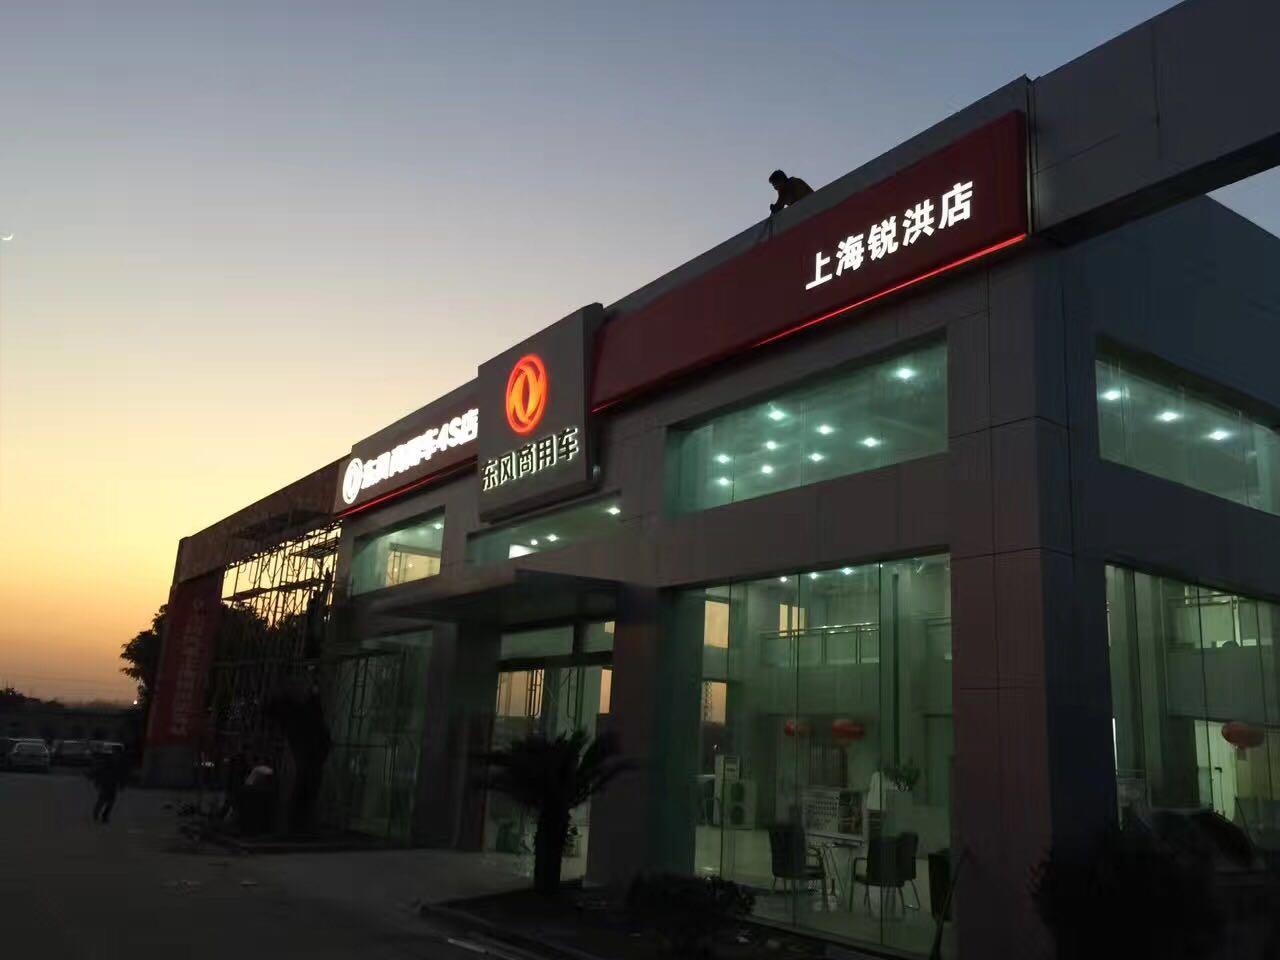 上海锐洪汽车销售有限公司